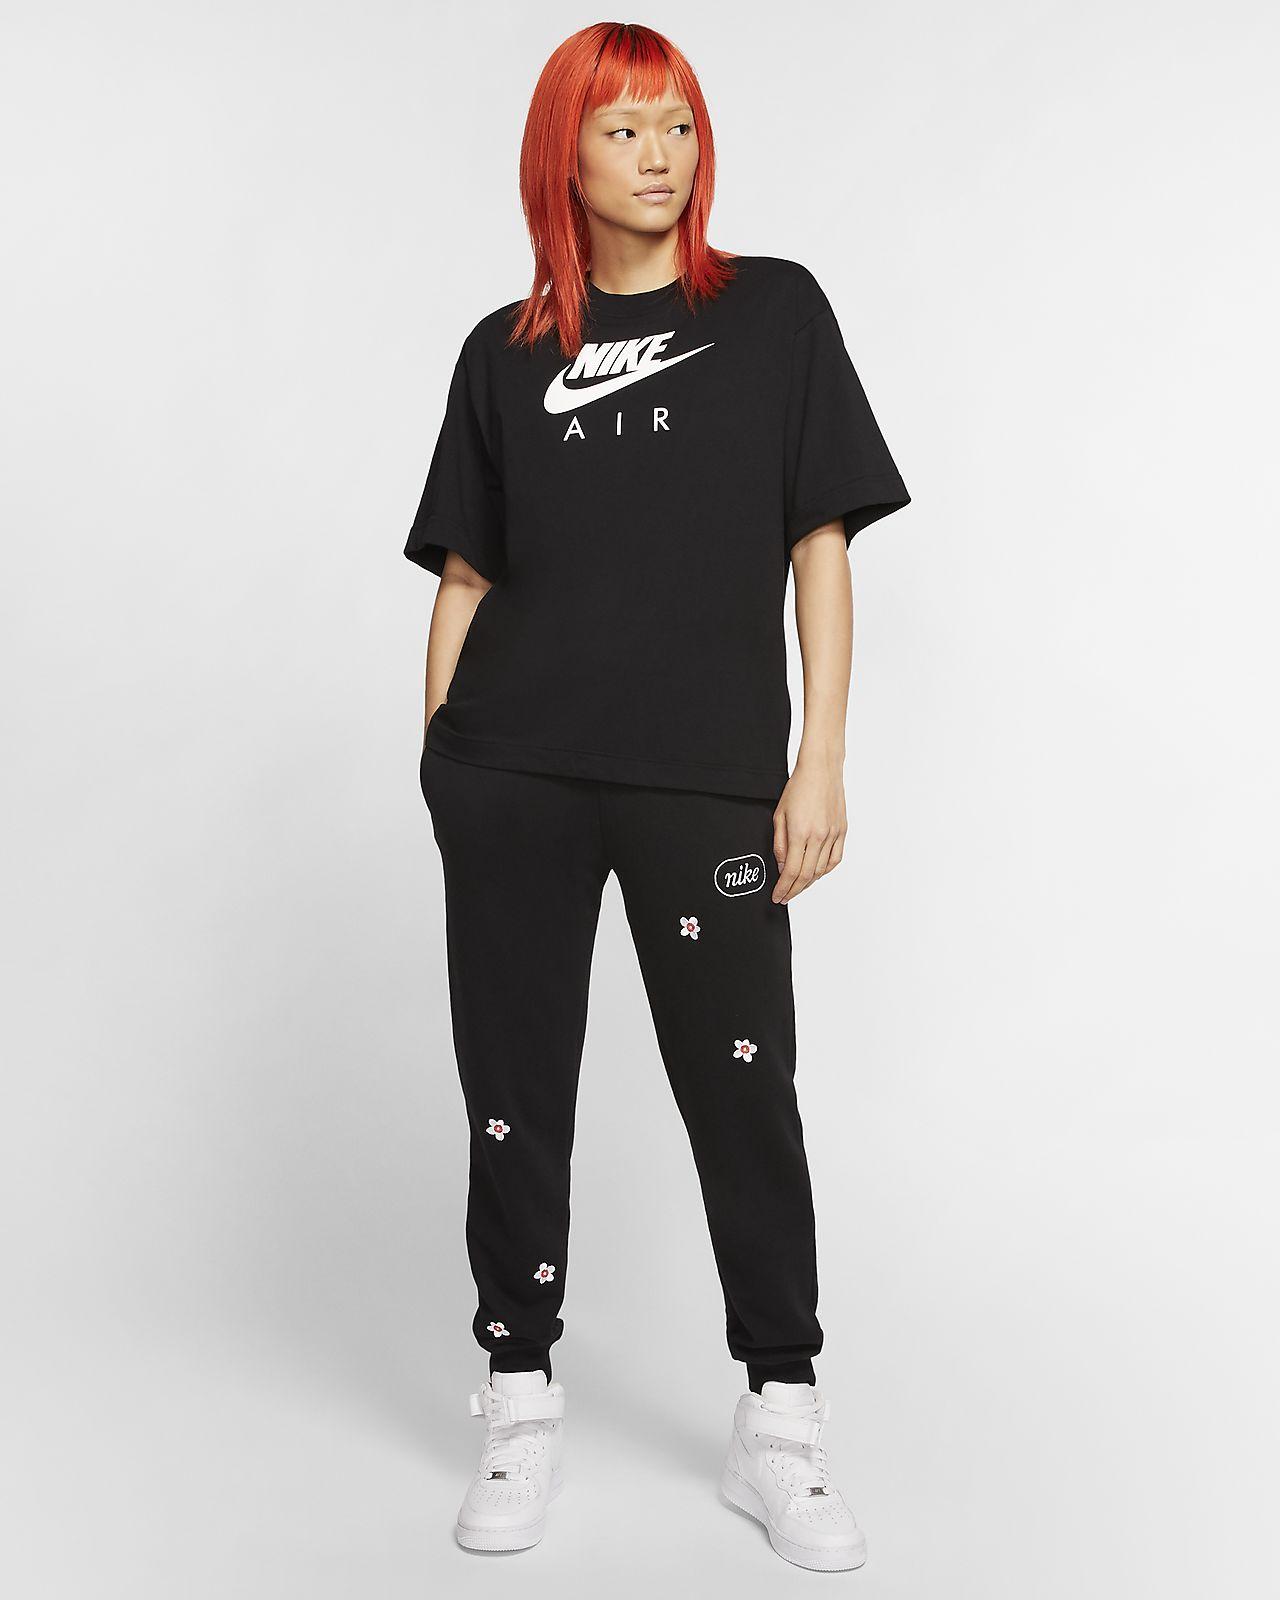 en un día festivo flexible Dental  Mujer Nike Air Camiseta de Manga Corta